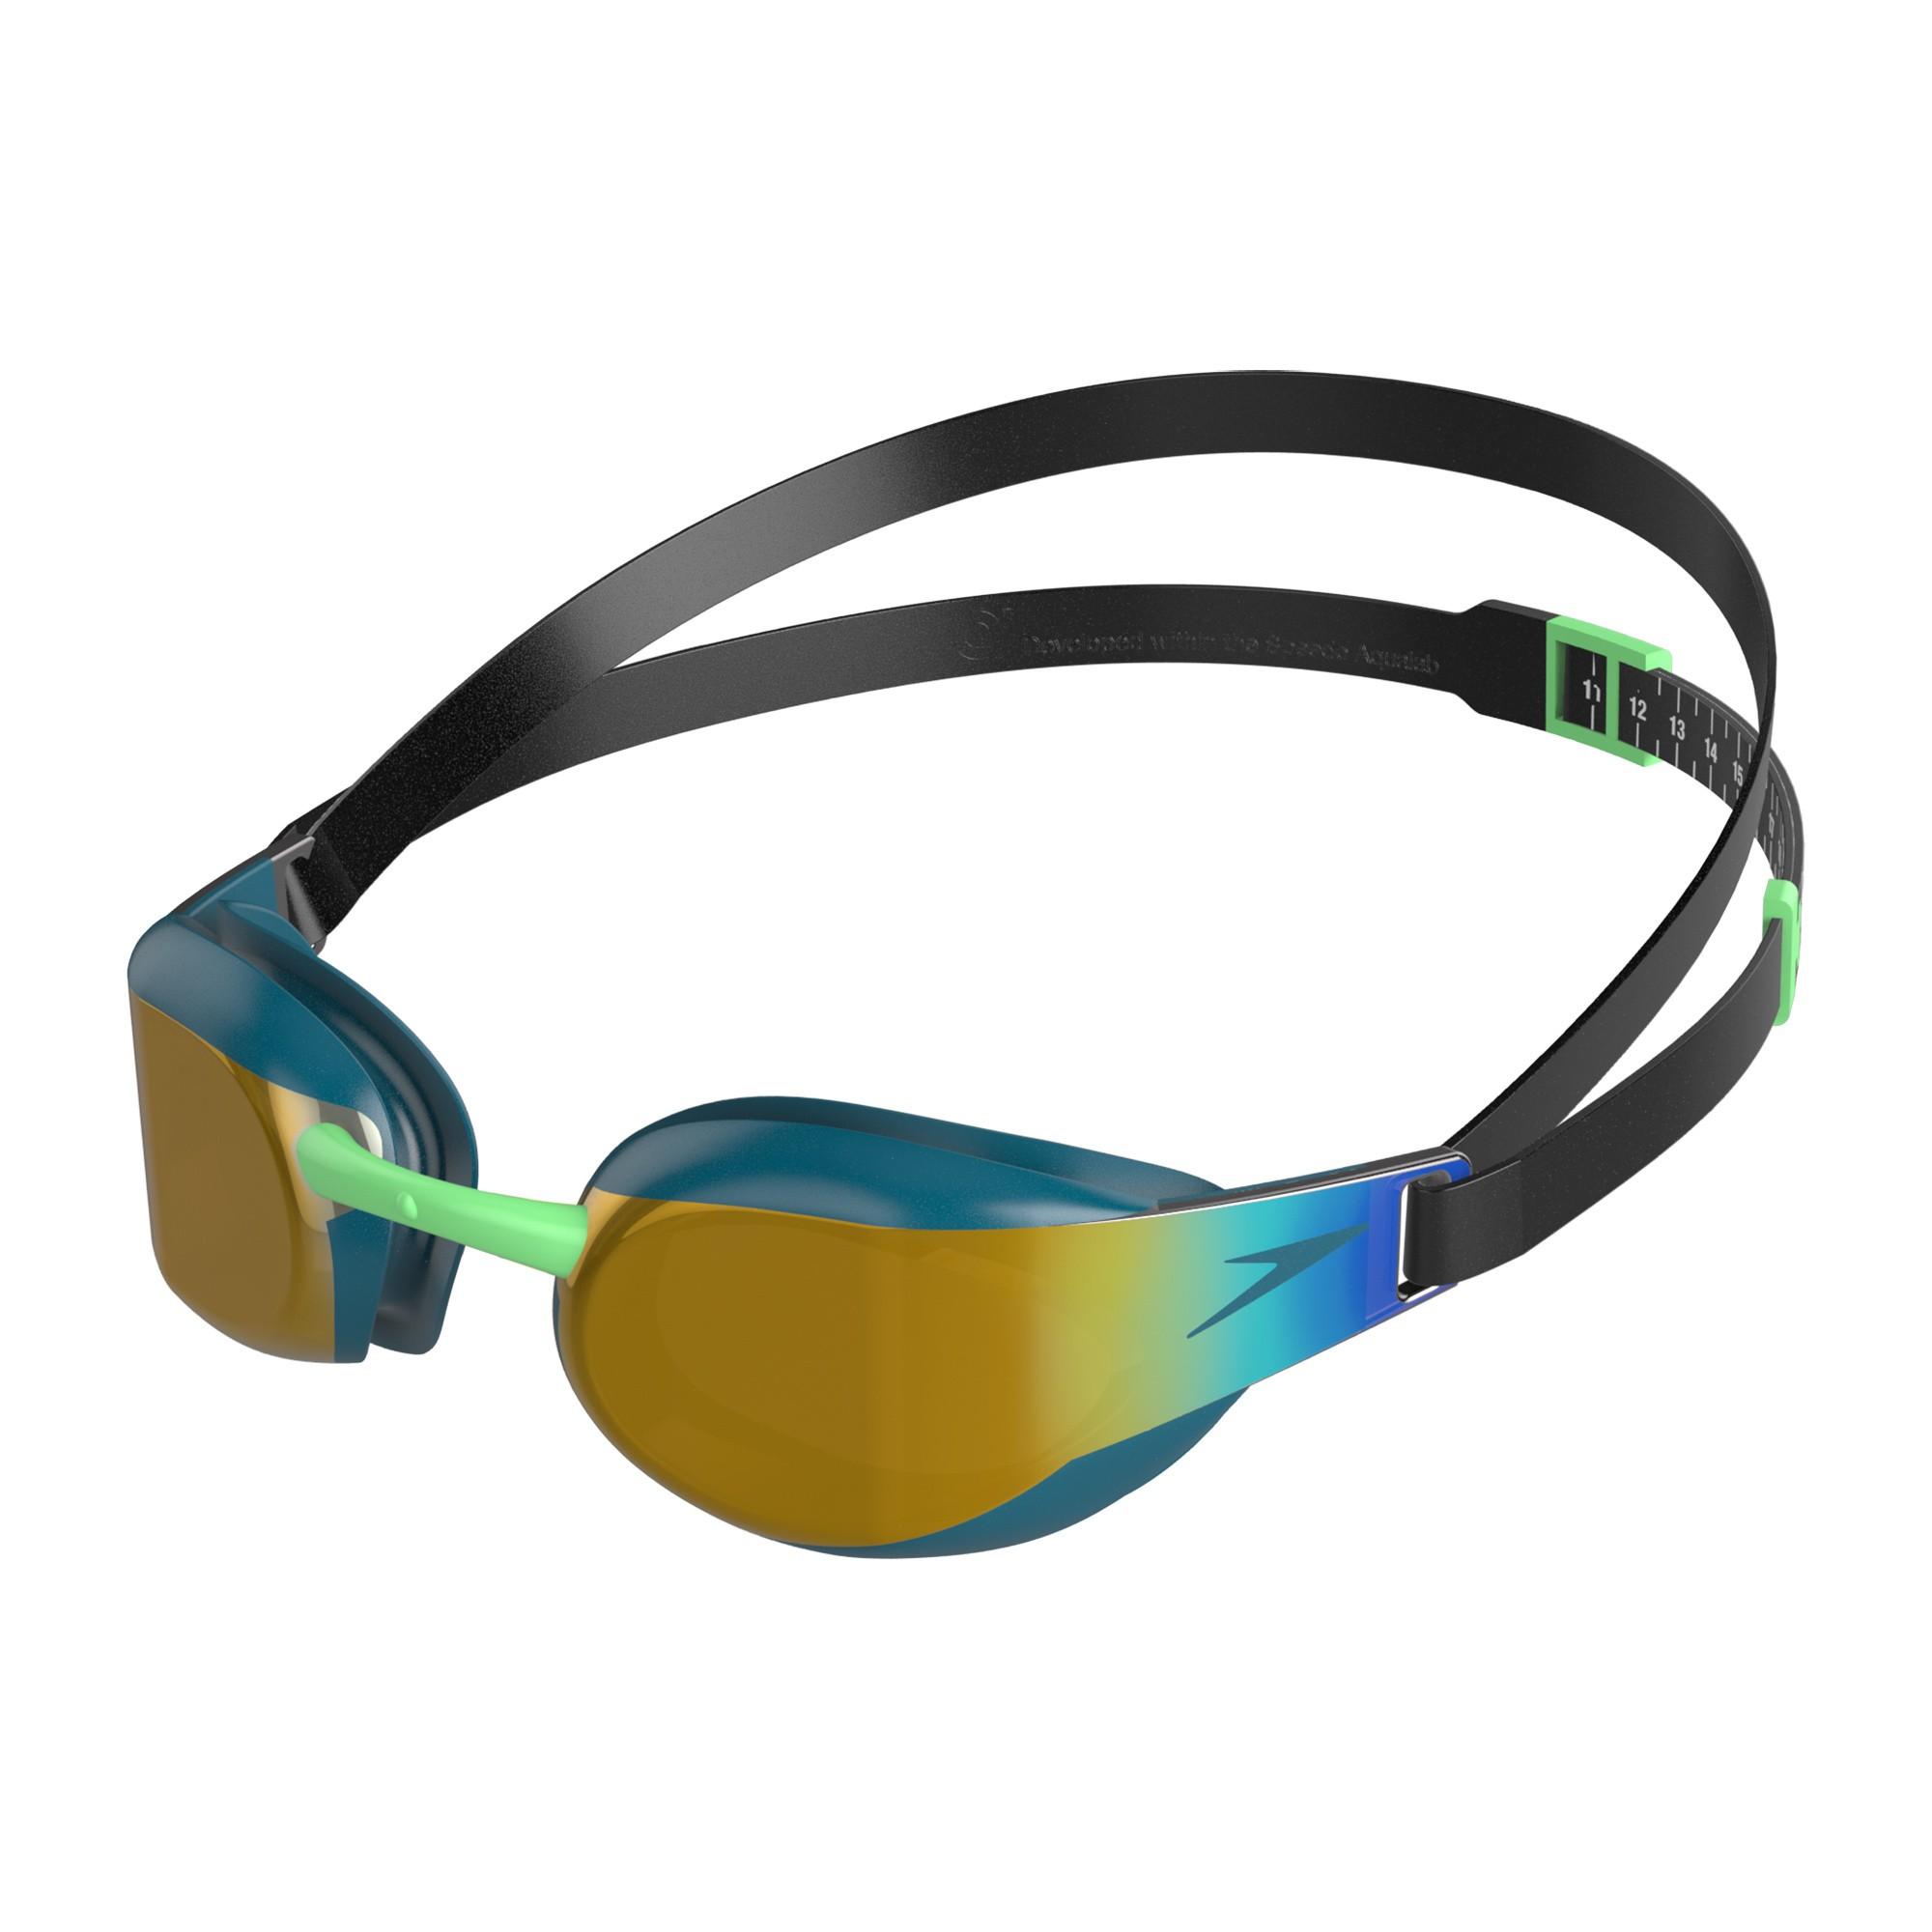 Speedo Zwembril Fastskin Eite Mirror green/gold